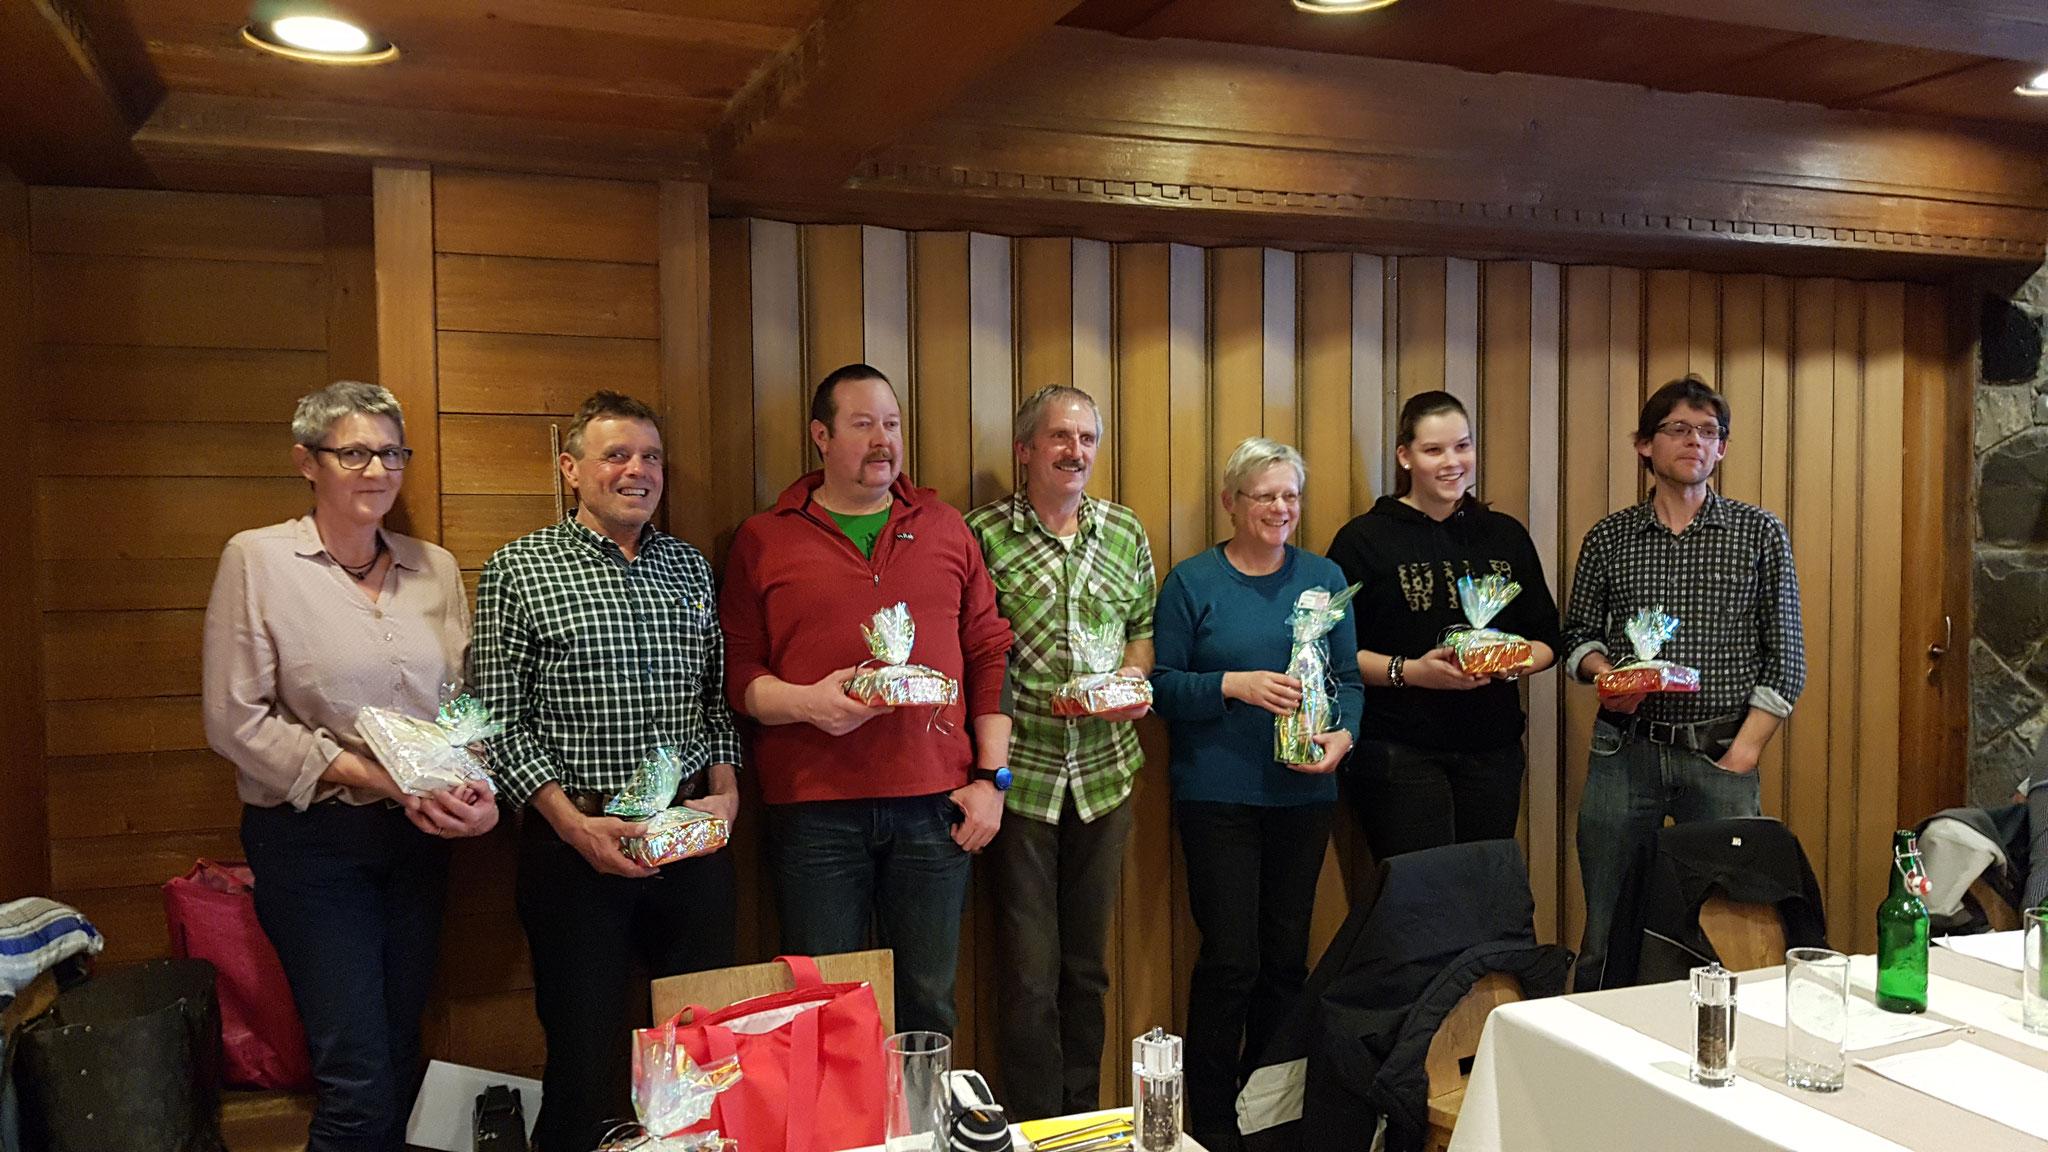 Unsere fleissigsten Probebesucher 2017 von links nach rechts: Margret Elmer, Tobis Rhyner, Reto Elmer, Balz Freitag, Lotti Schenker, Milena Freitag & Ruedi Freitag